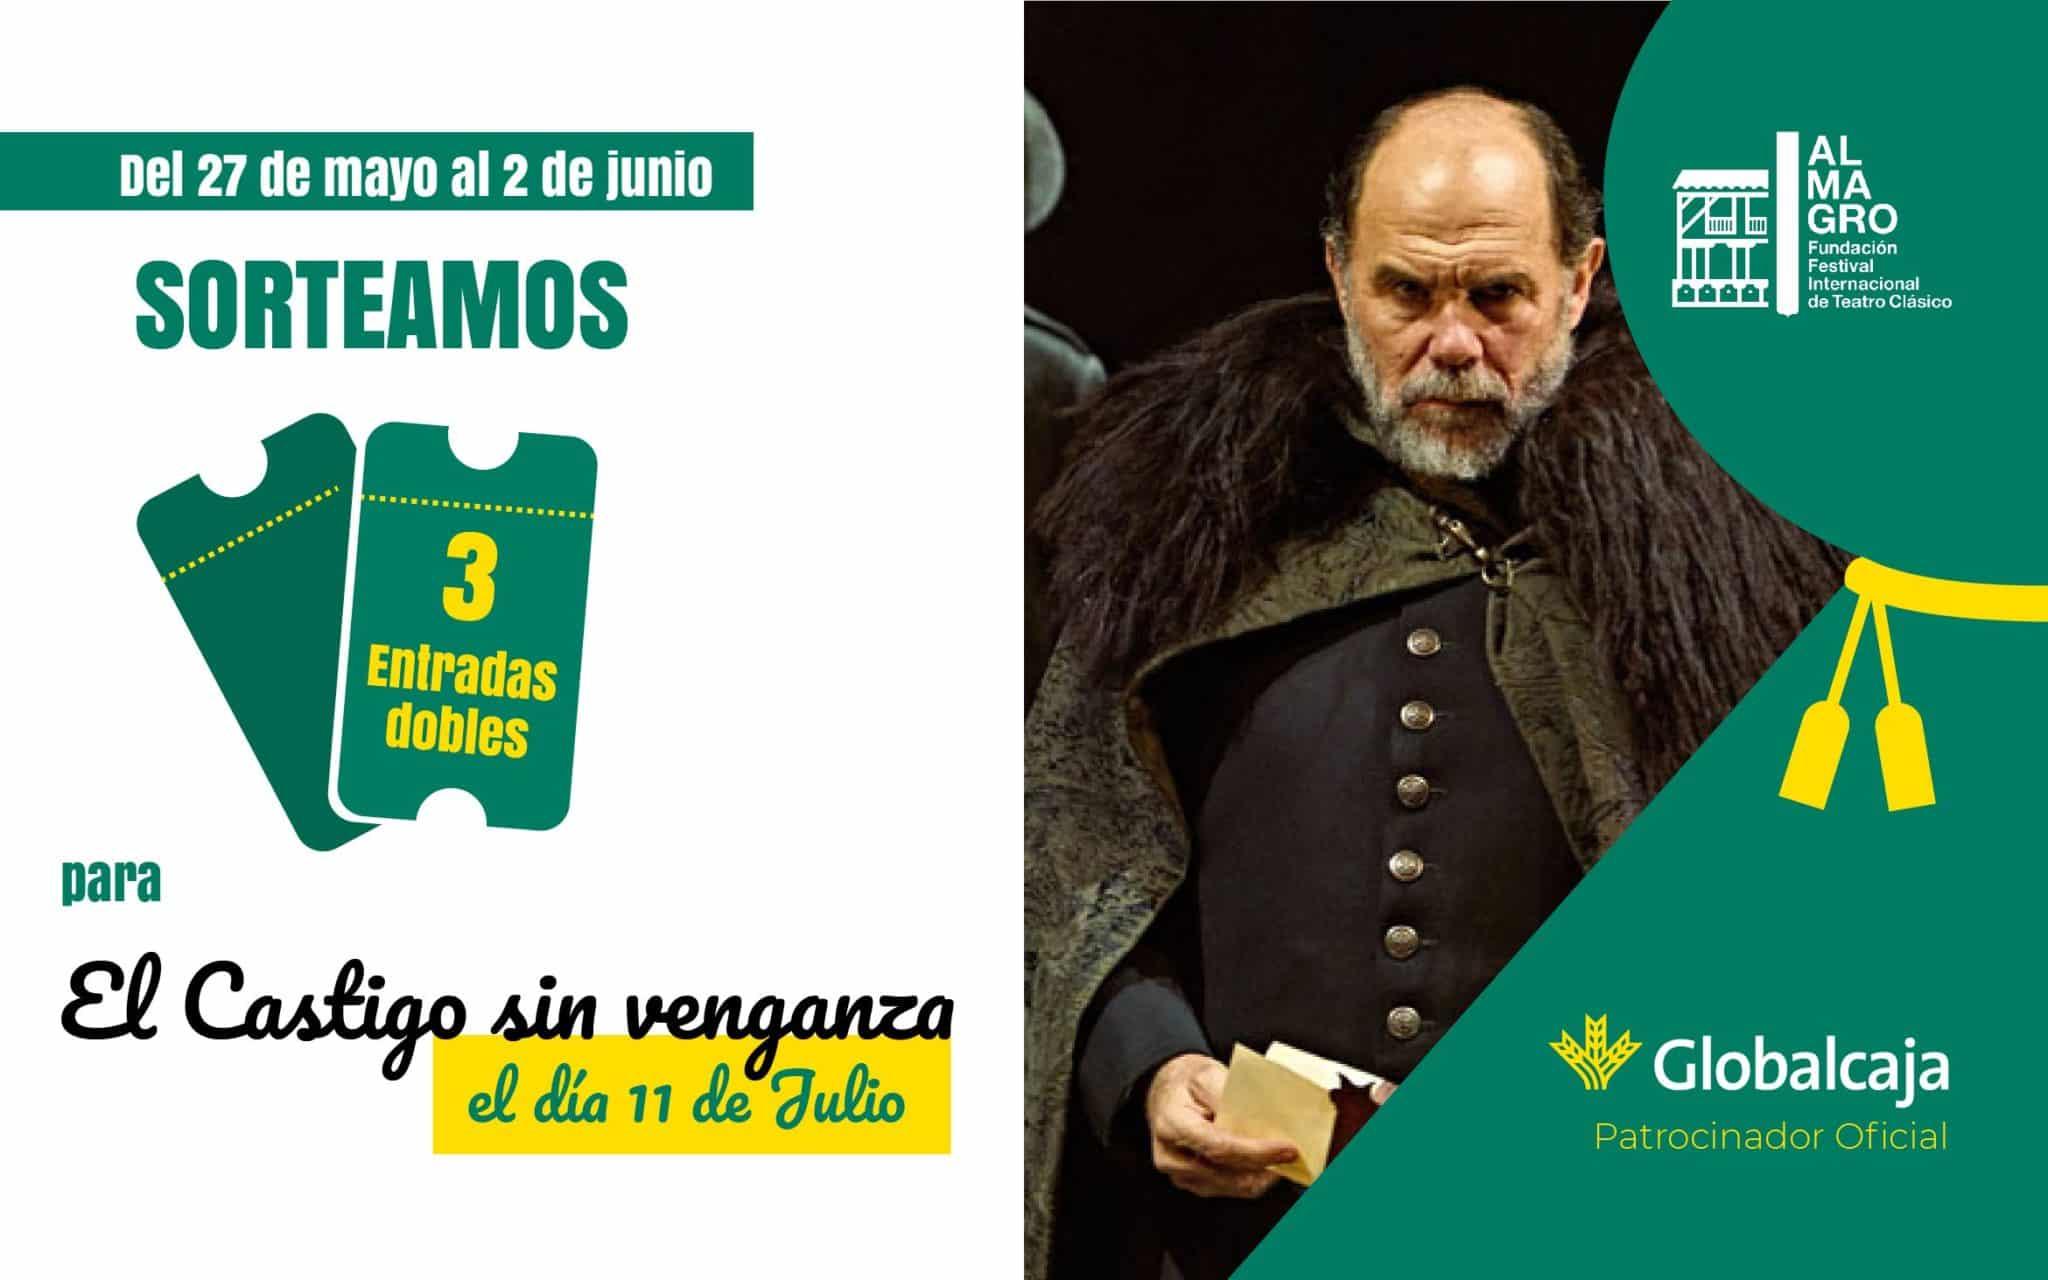 Te invitamos a la obra 'El castigo sin venganza' en el Festival de Teatro Clásico de Almagro